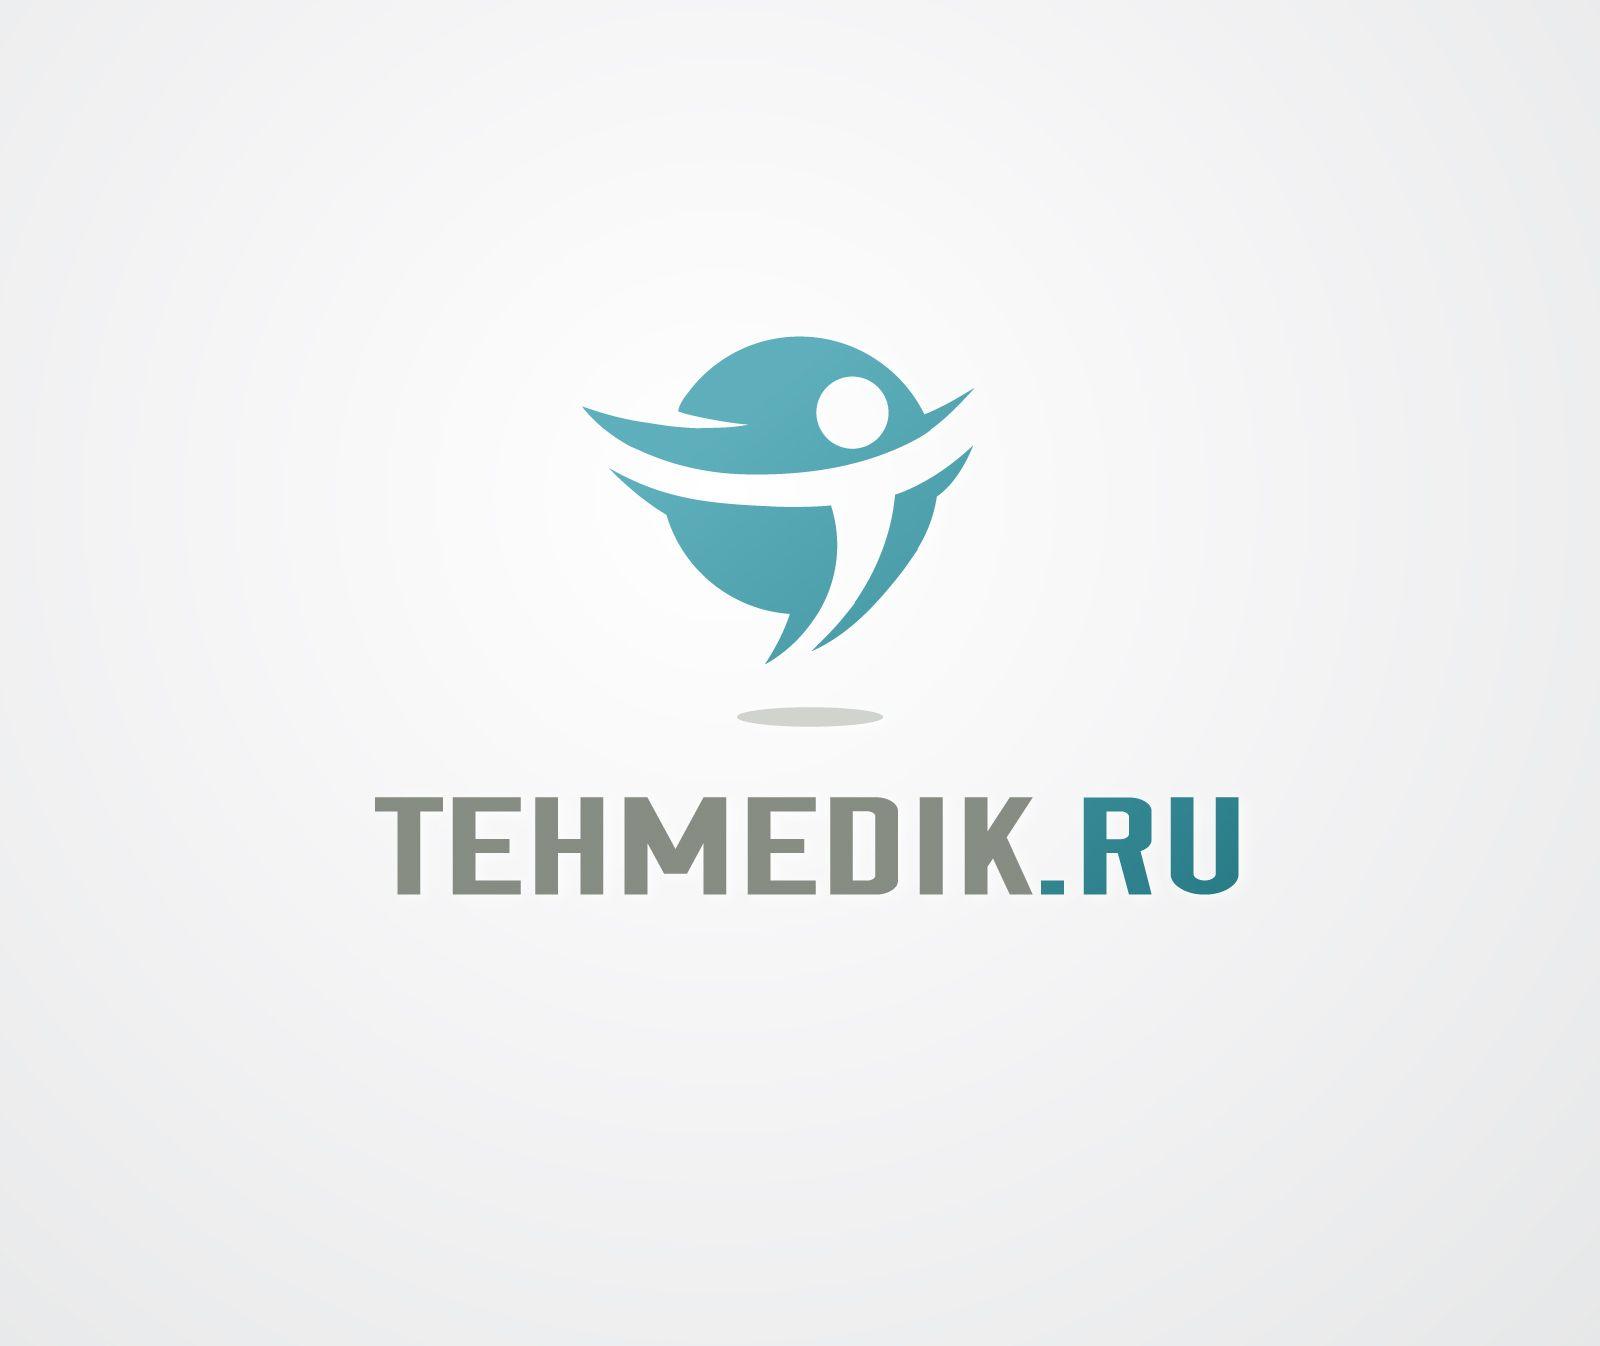 Логотип для интернет-магазина медтехники - дизайнер Kov-veronika